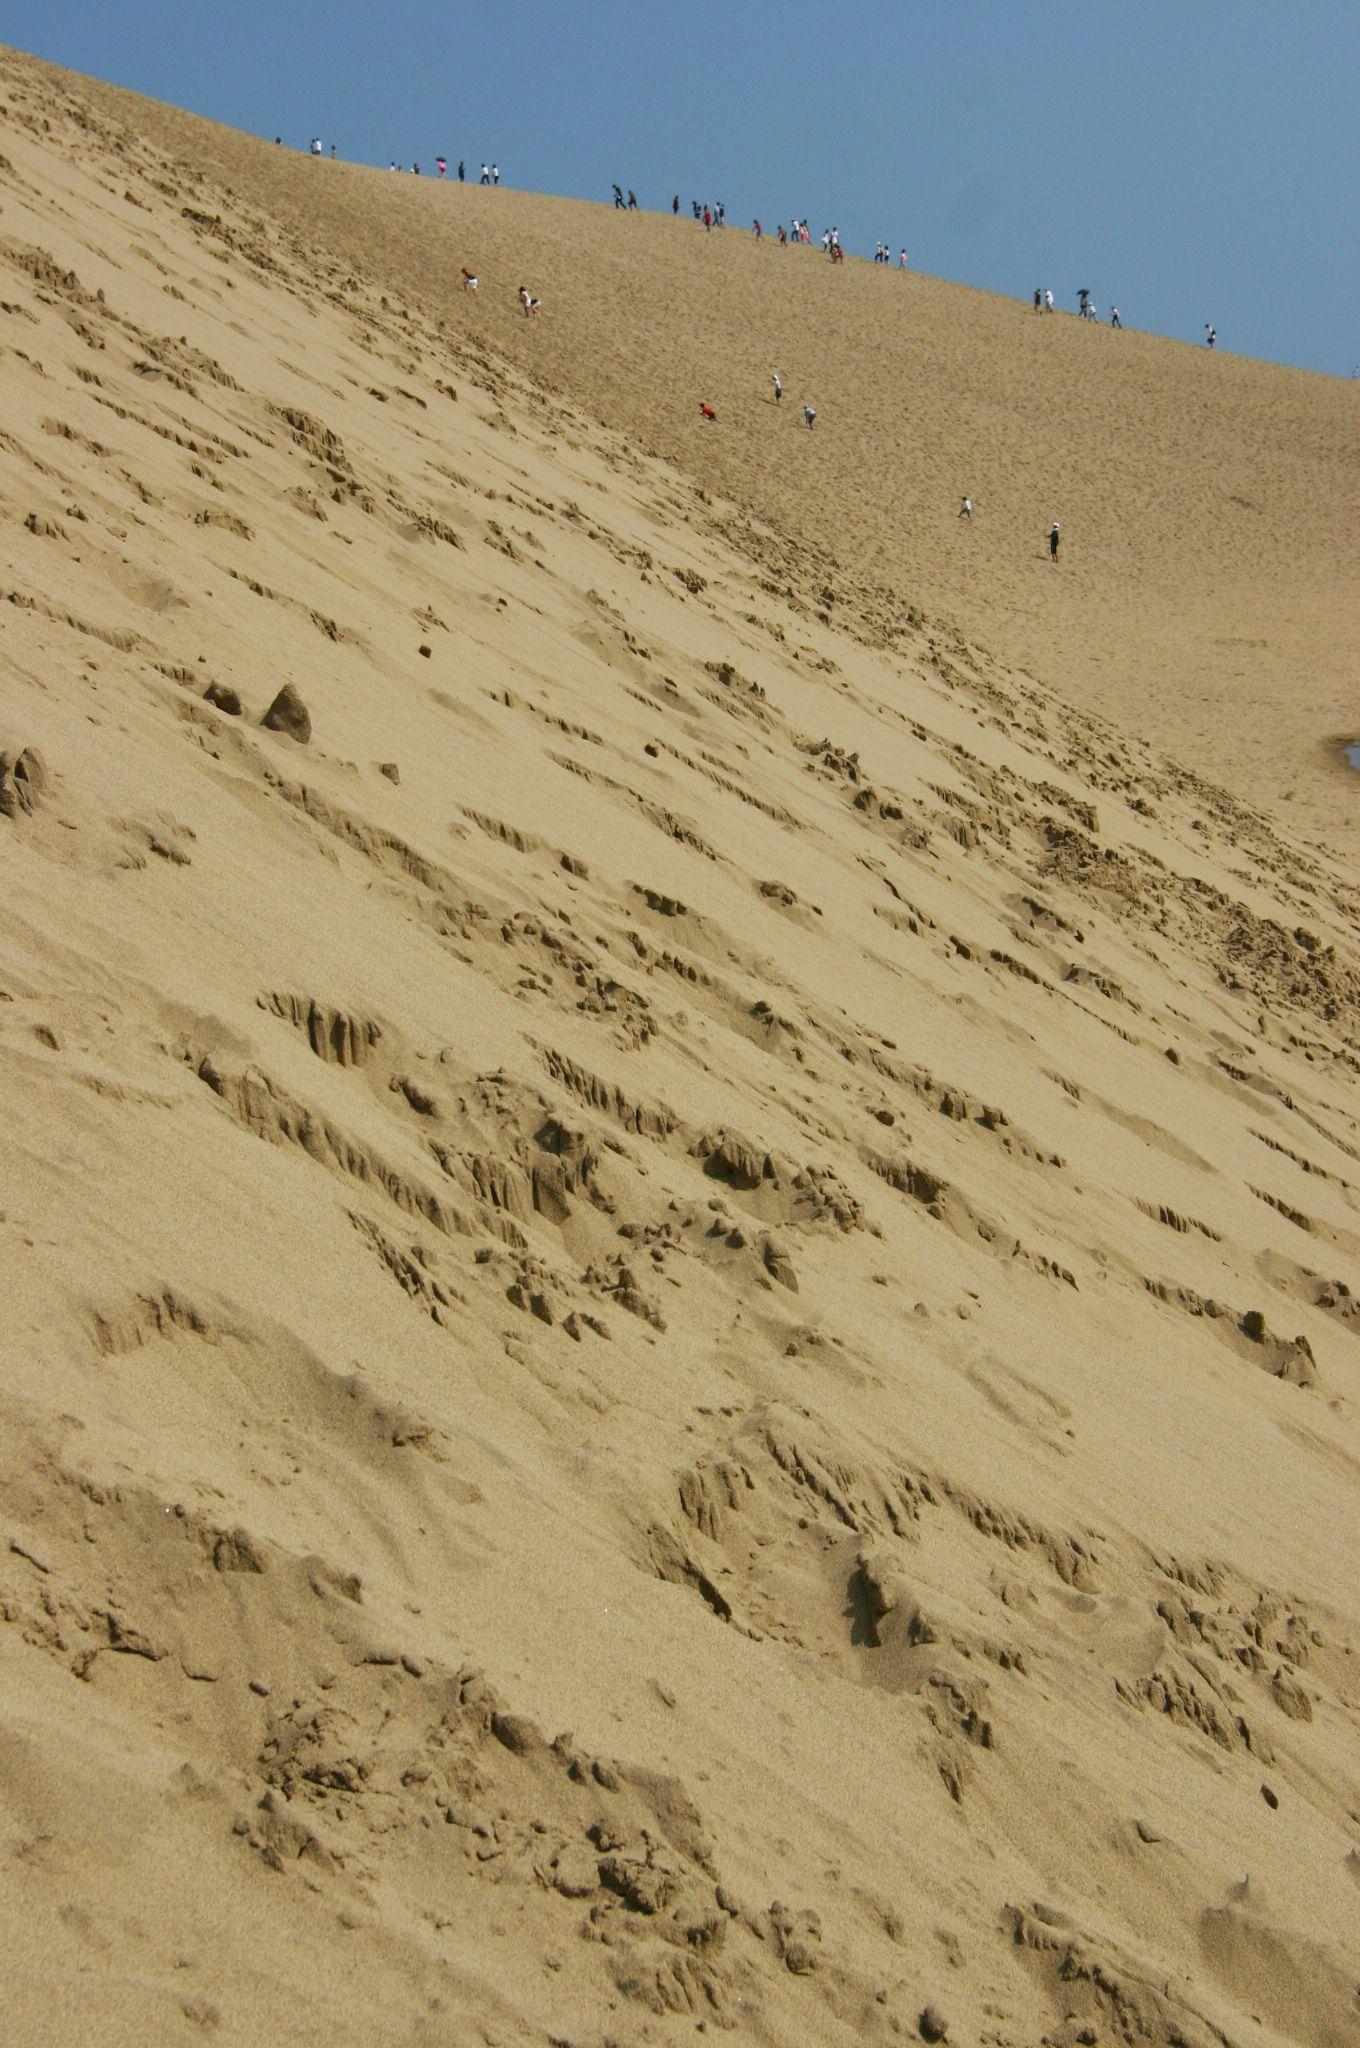 砂丘の大きさと人間の小ささ